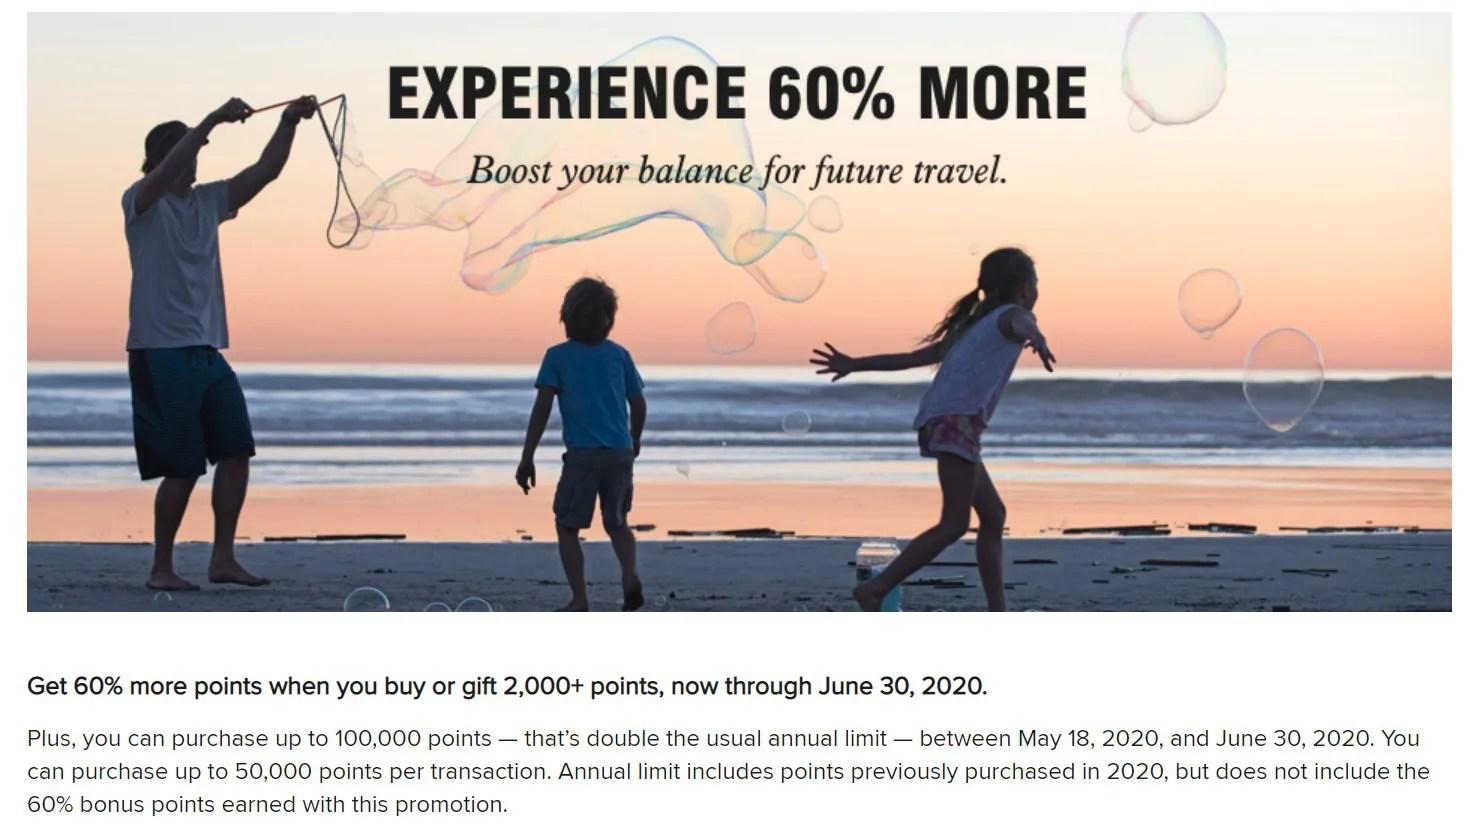 【7/15まで延長】マリオットが2020年6月30日まで初のポイント購入60%増量セール!